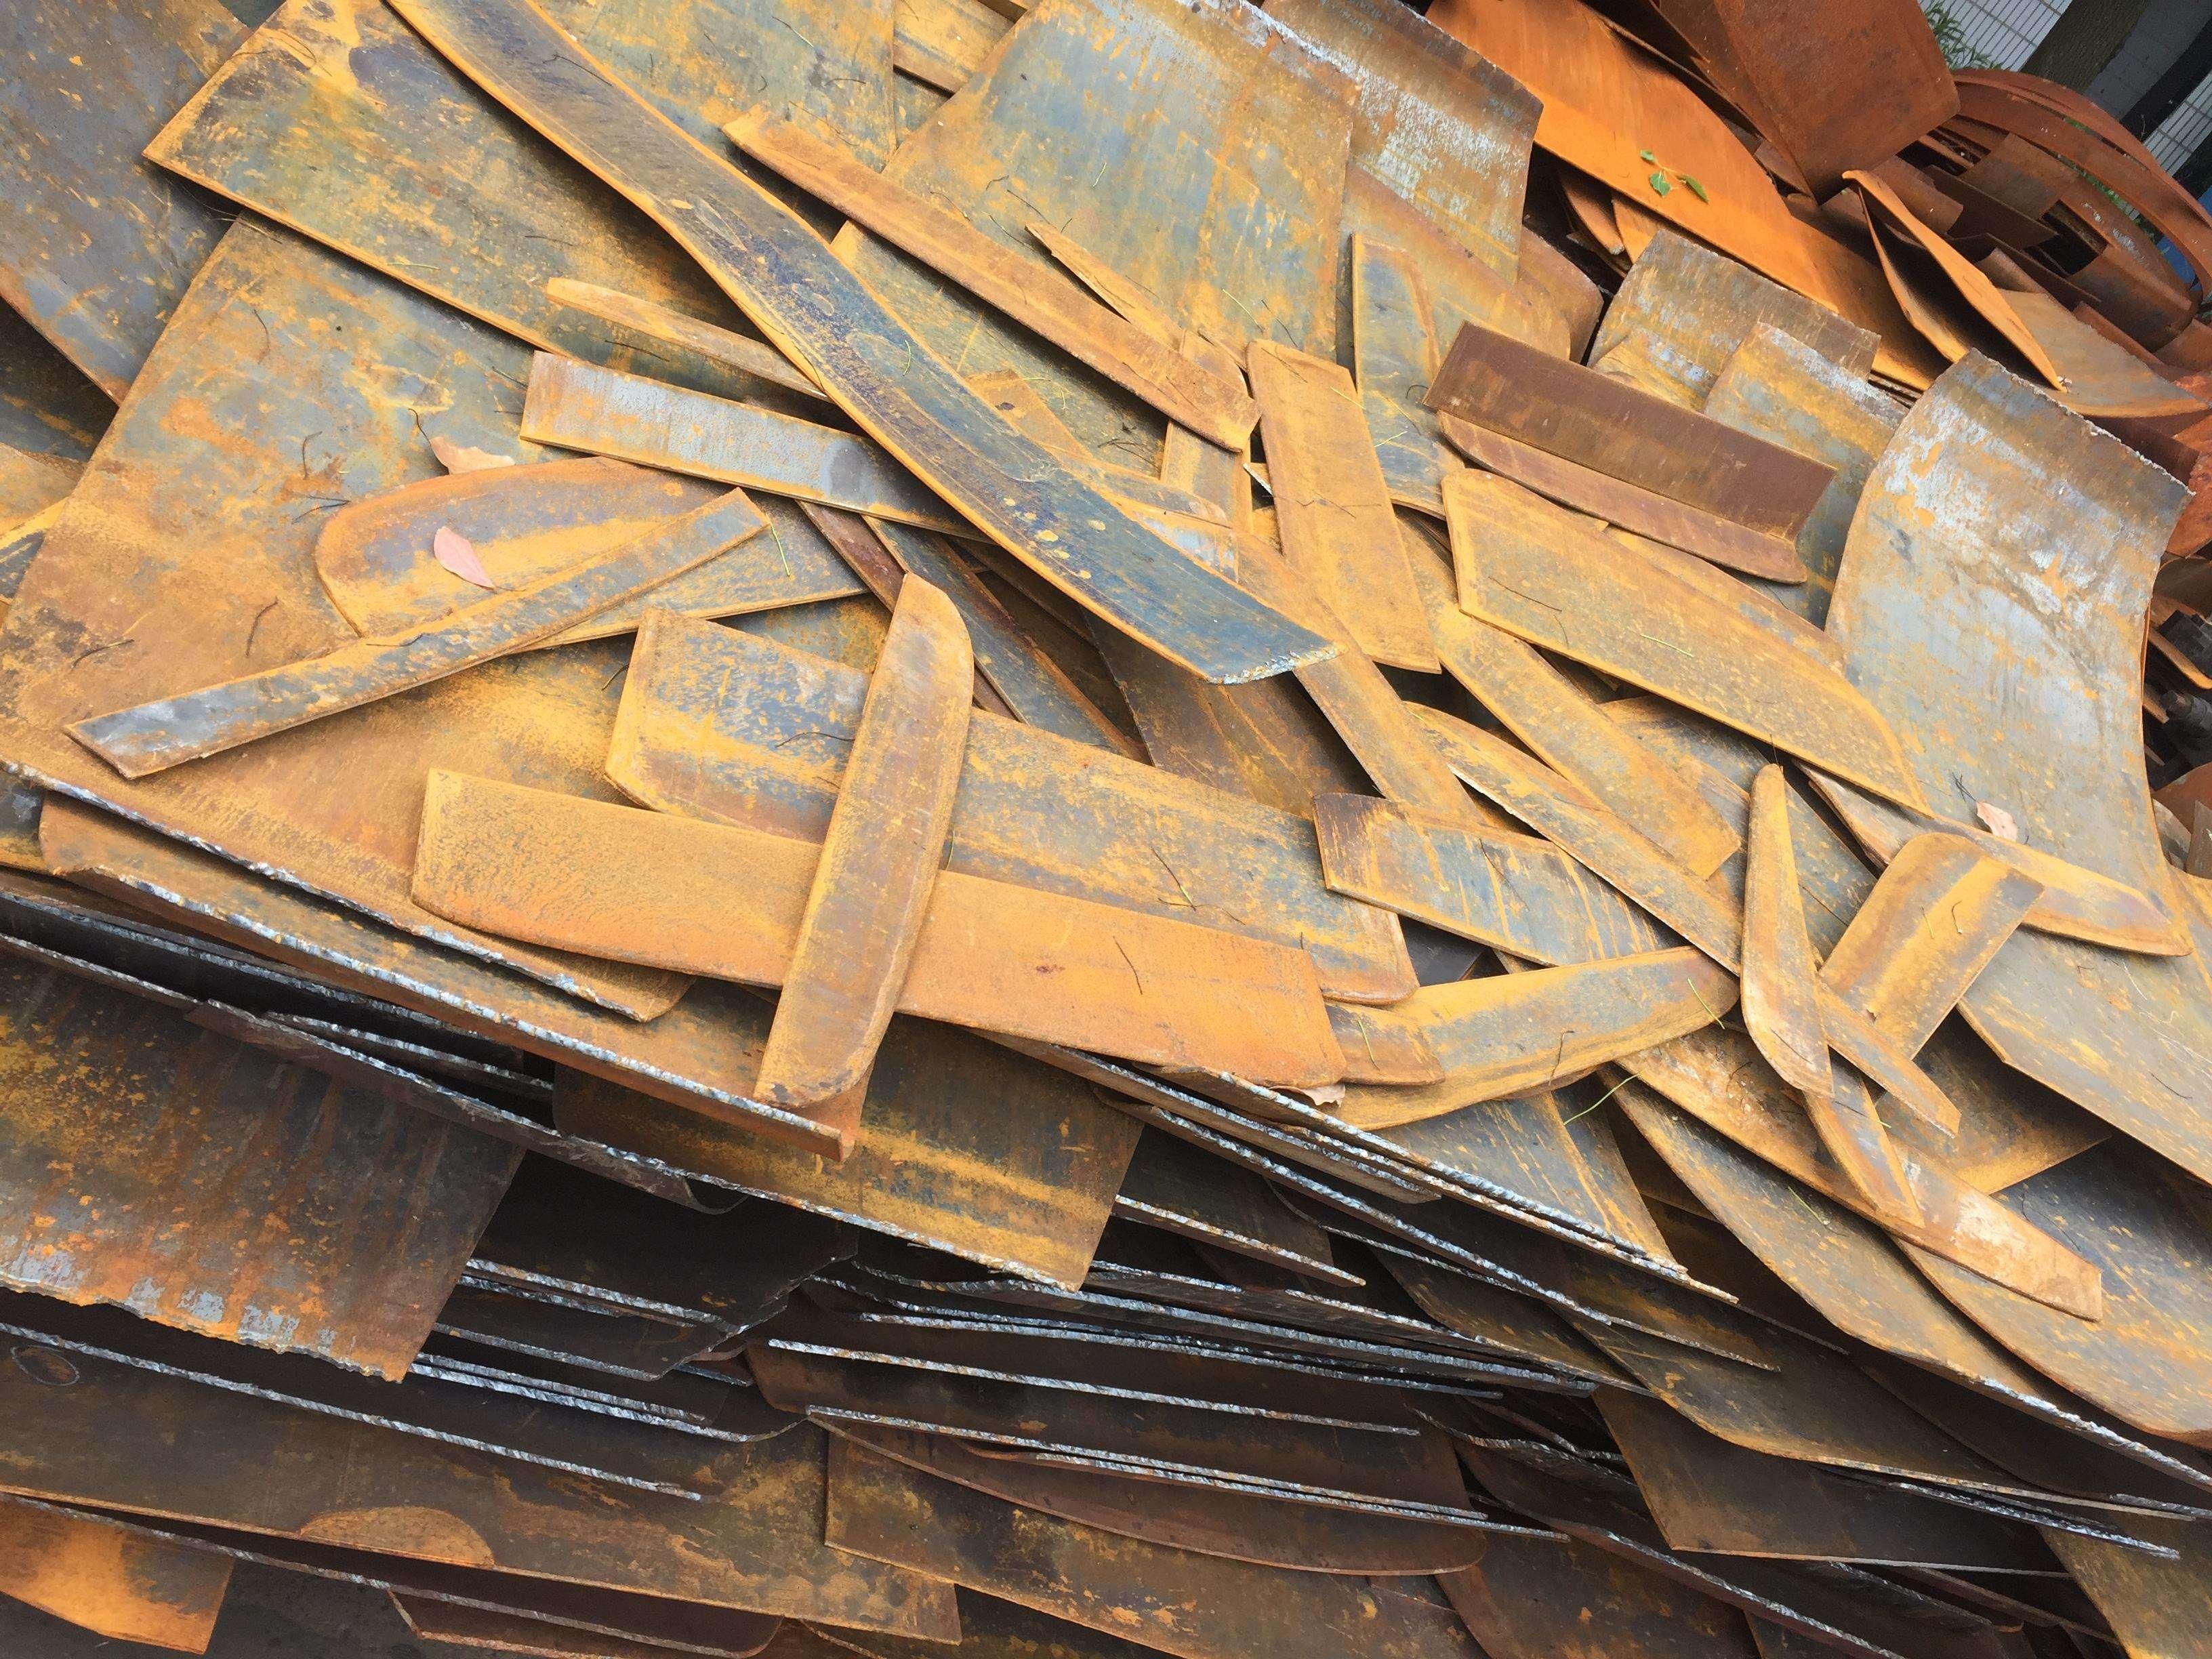 废旧焊接钢管回收 陕西收购钢材公司